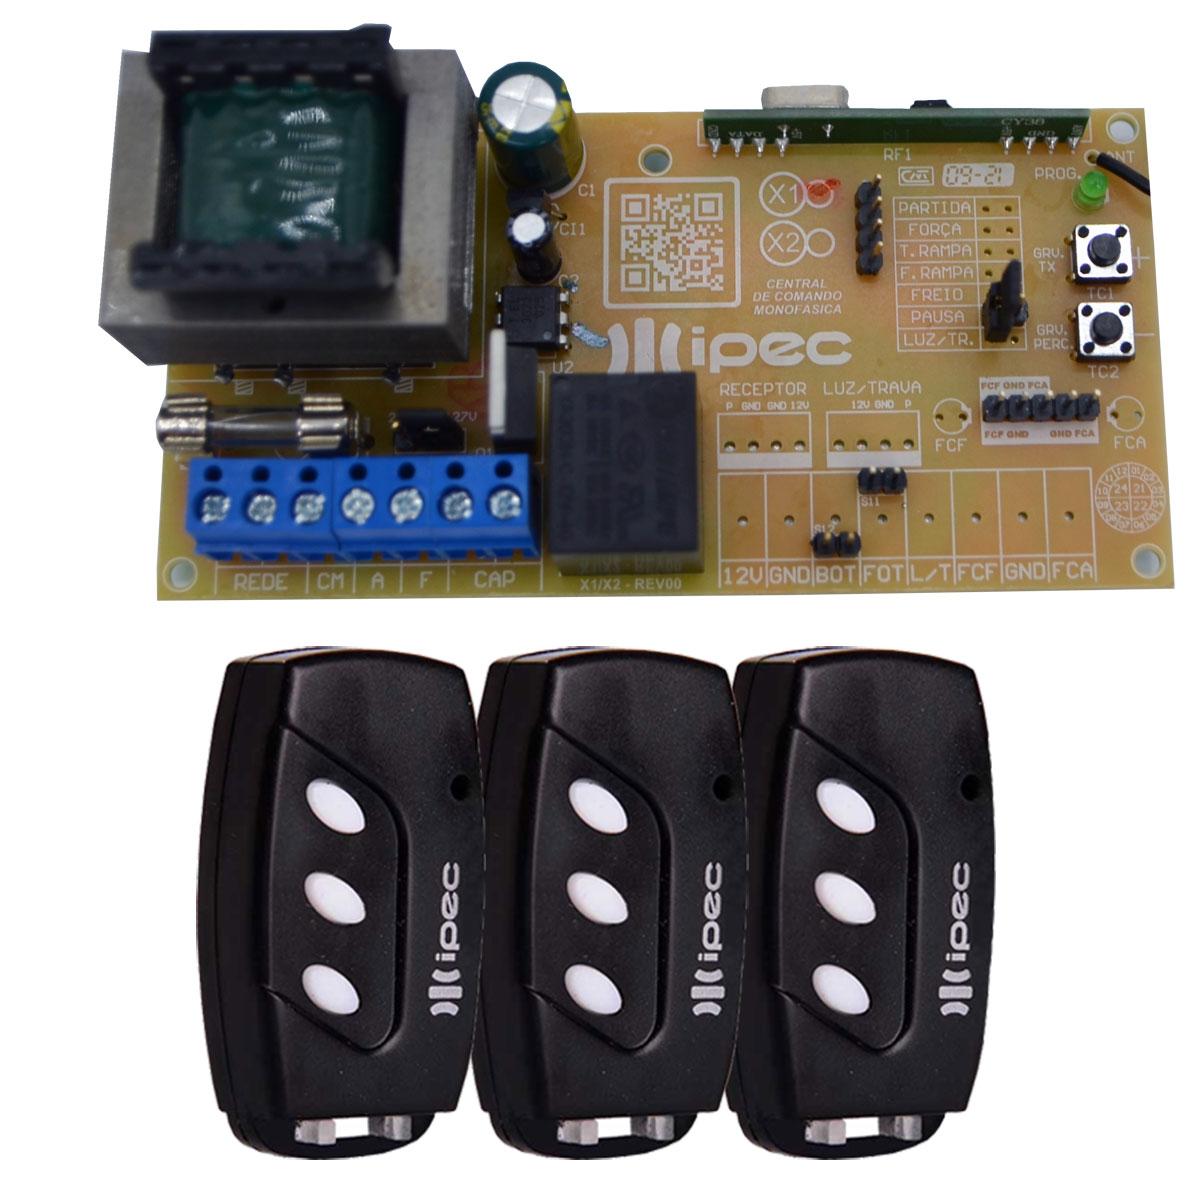 Placa Central X1 Universal Básica Comando Motor 3 Controles Portão